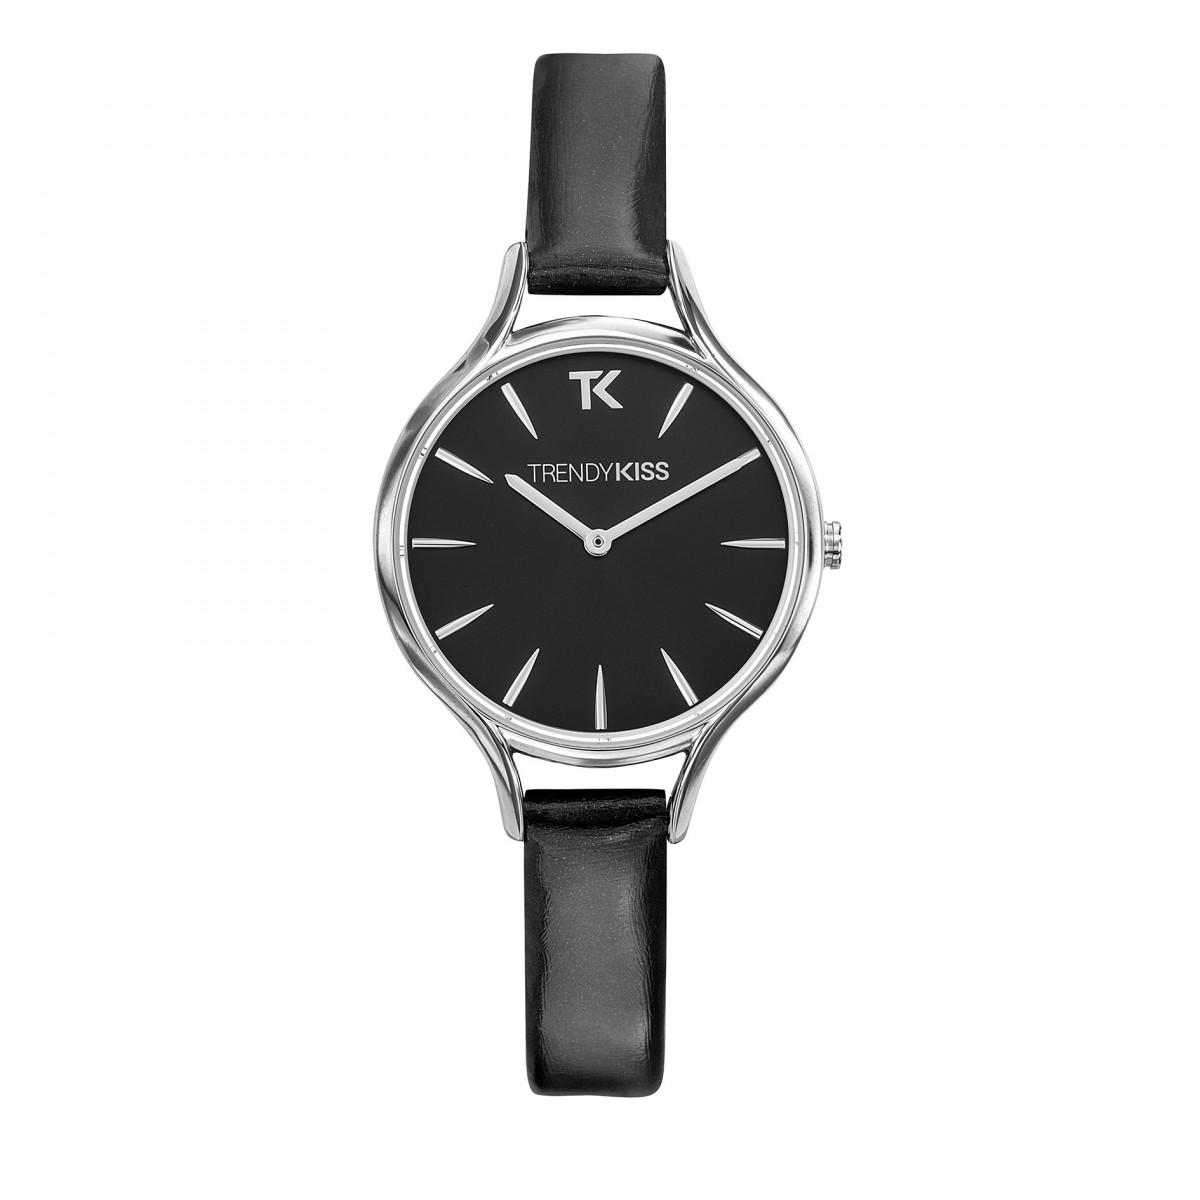 072477be4b Trendy Kiss – TC10093-02 – Montre femme – Analogique – Boitier rond en  métal argenté – Cadran noir soleillé – Bracelet en cuir véritable noir  vernis